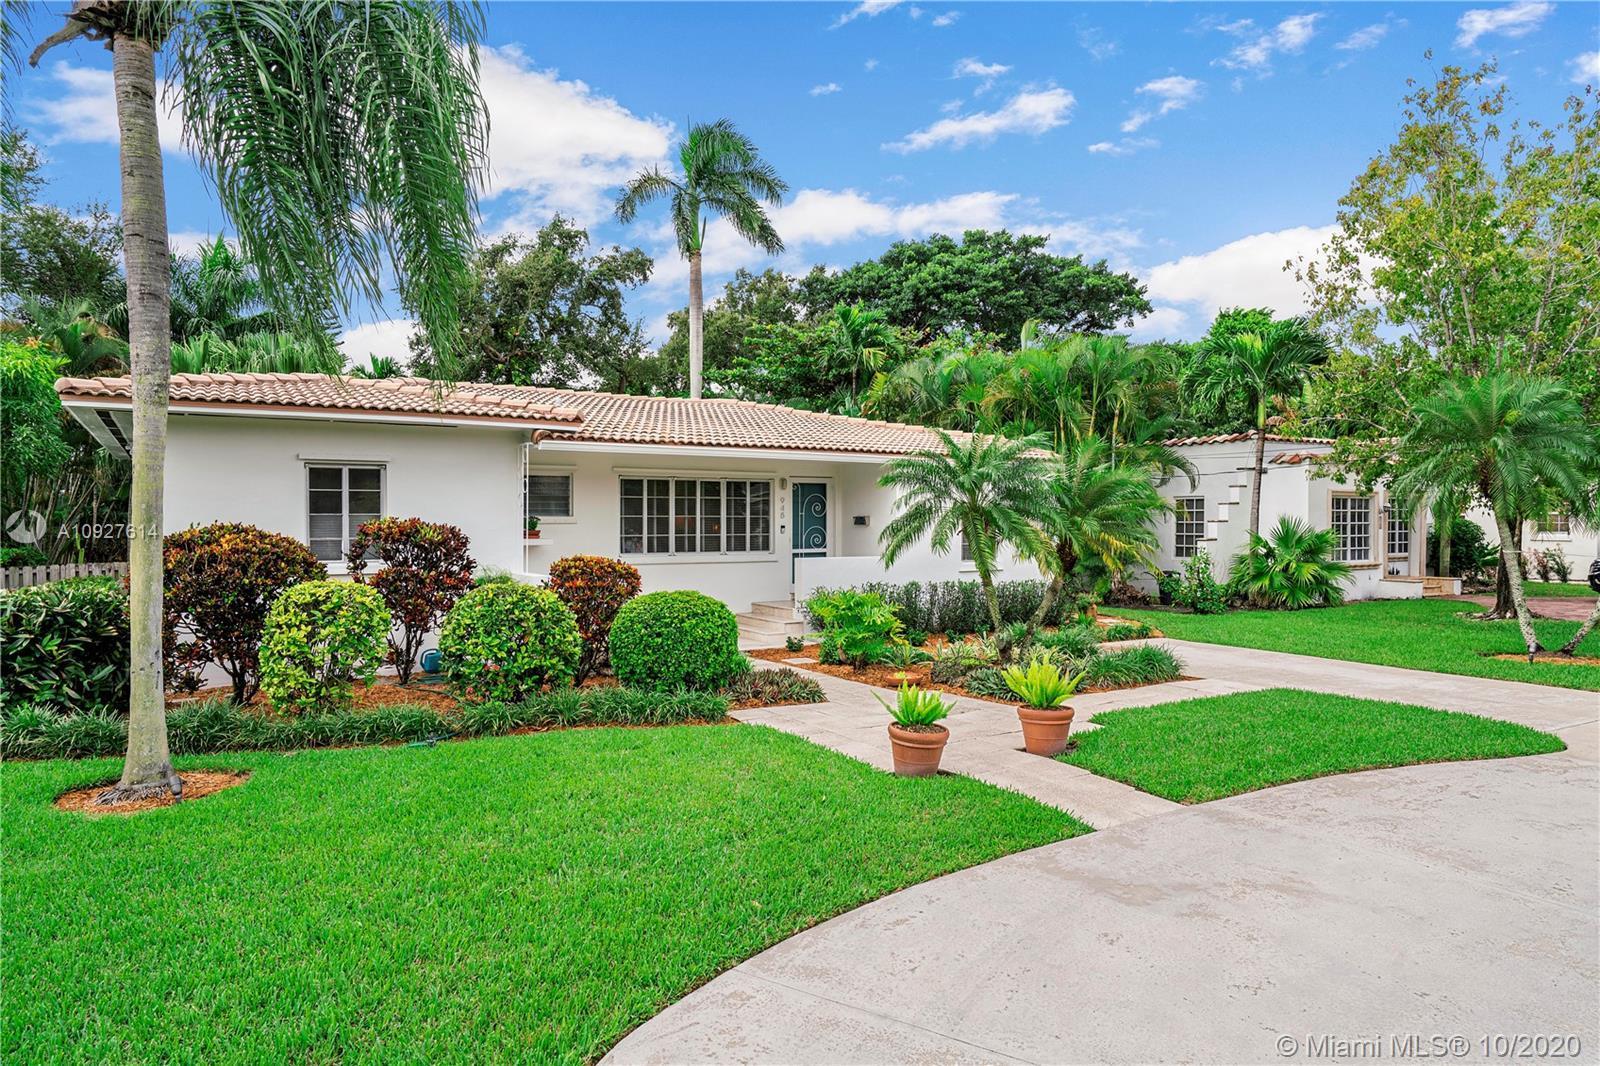 948 NE 92nd St, Miami Shores, FL, 33138